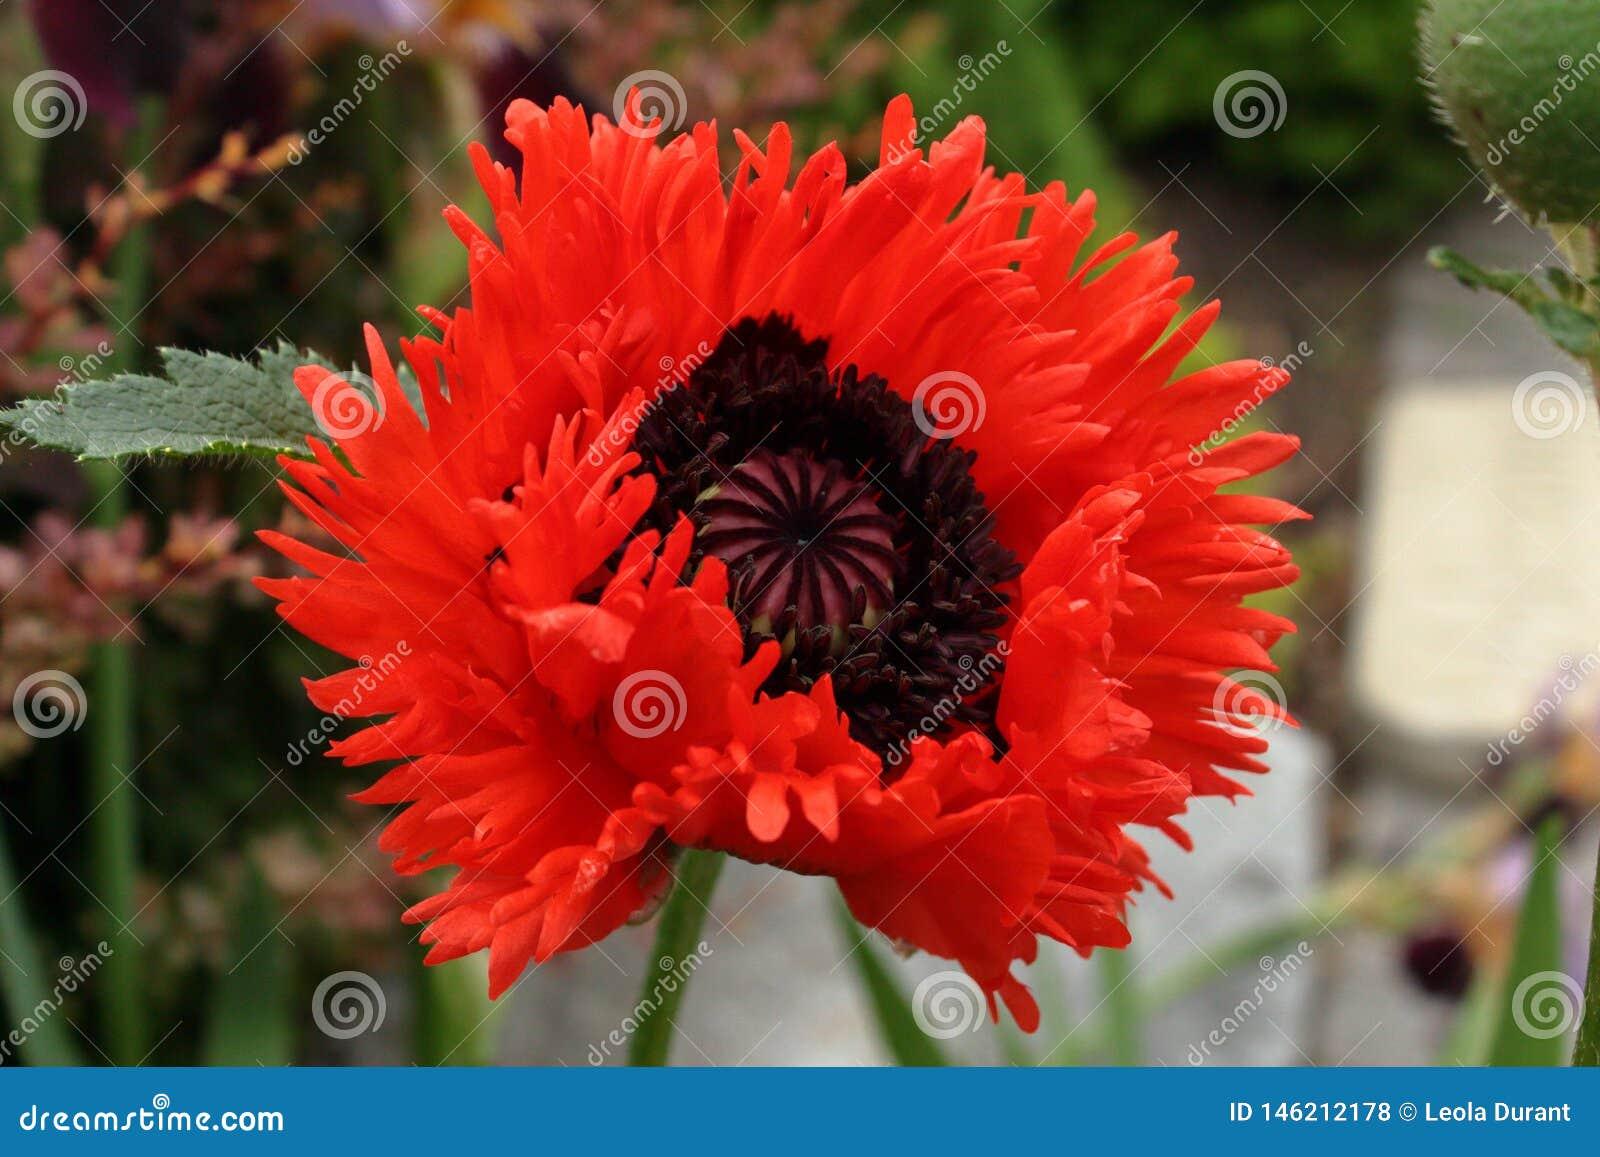 Пушистый красный цветок мака